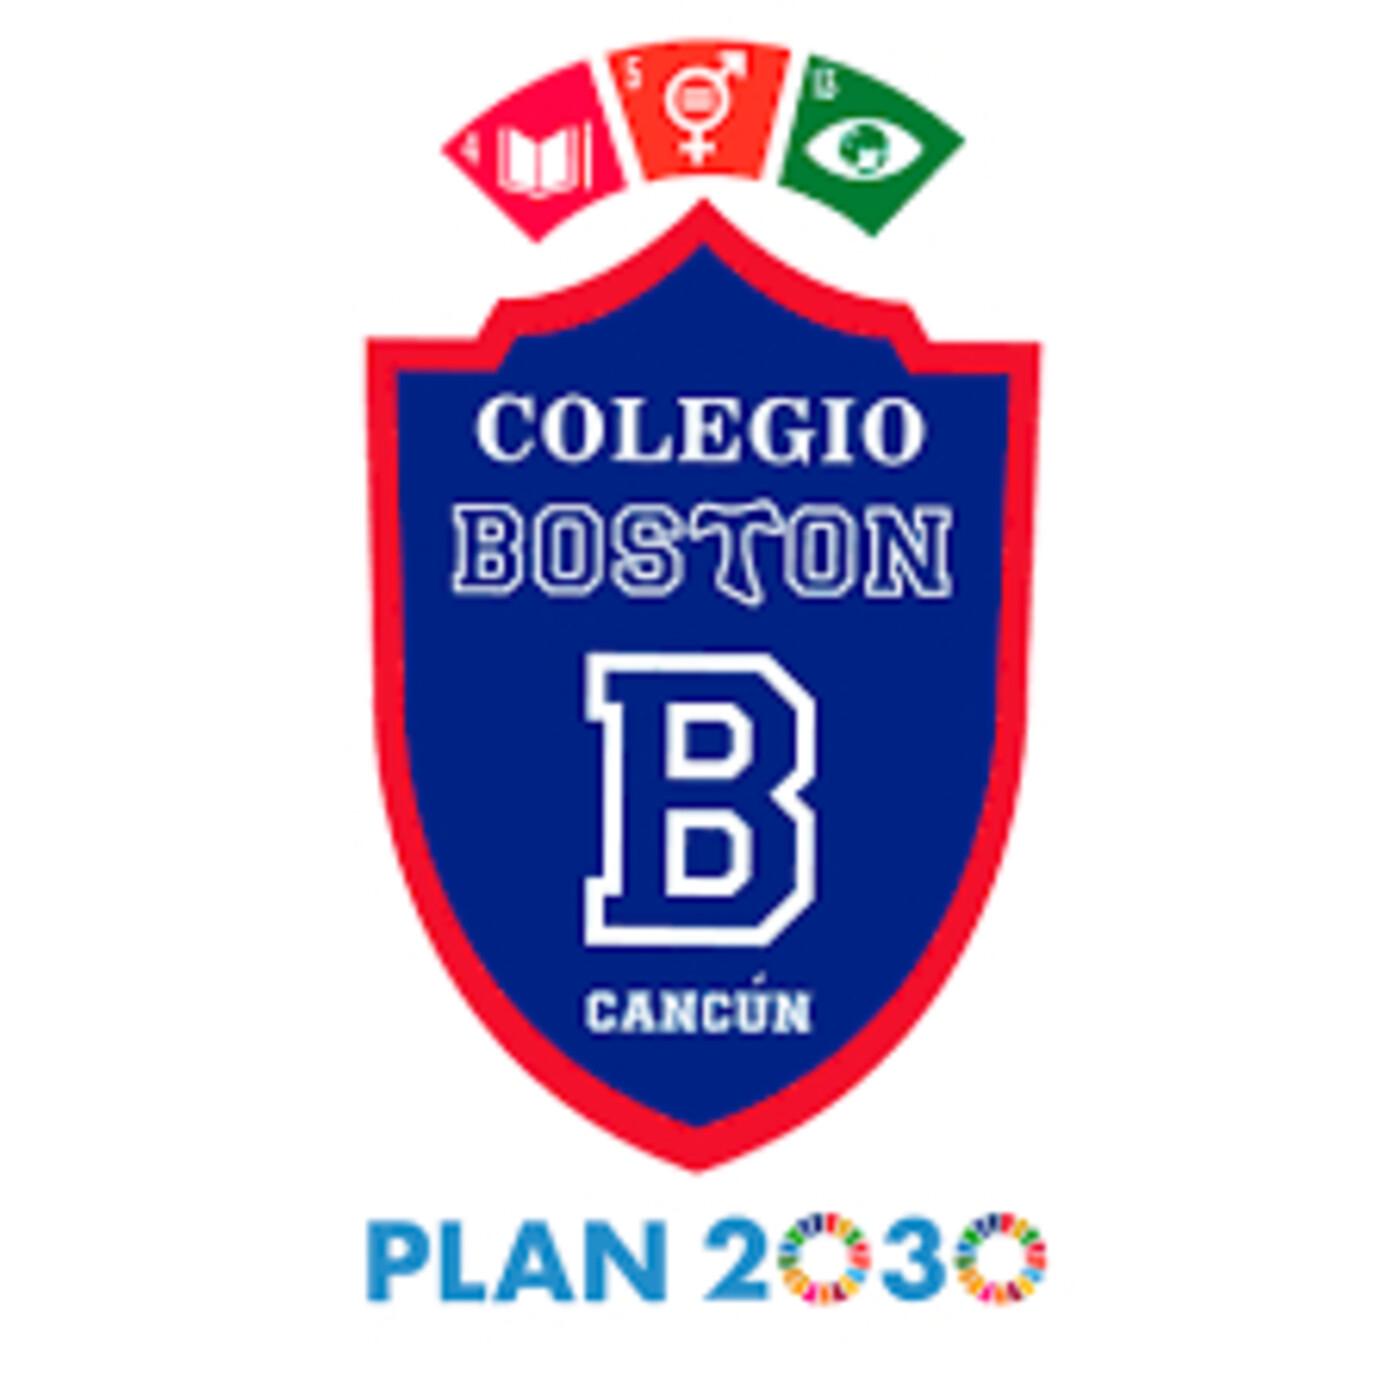 Colegio Boston Cancun